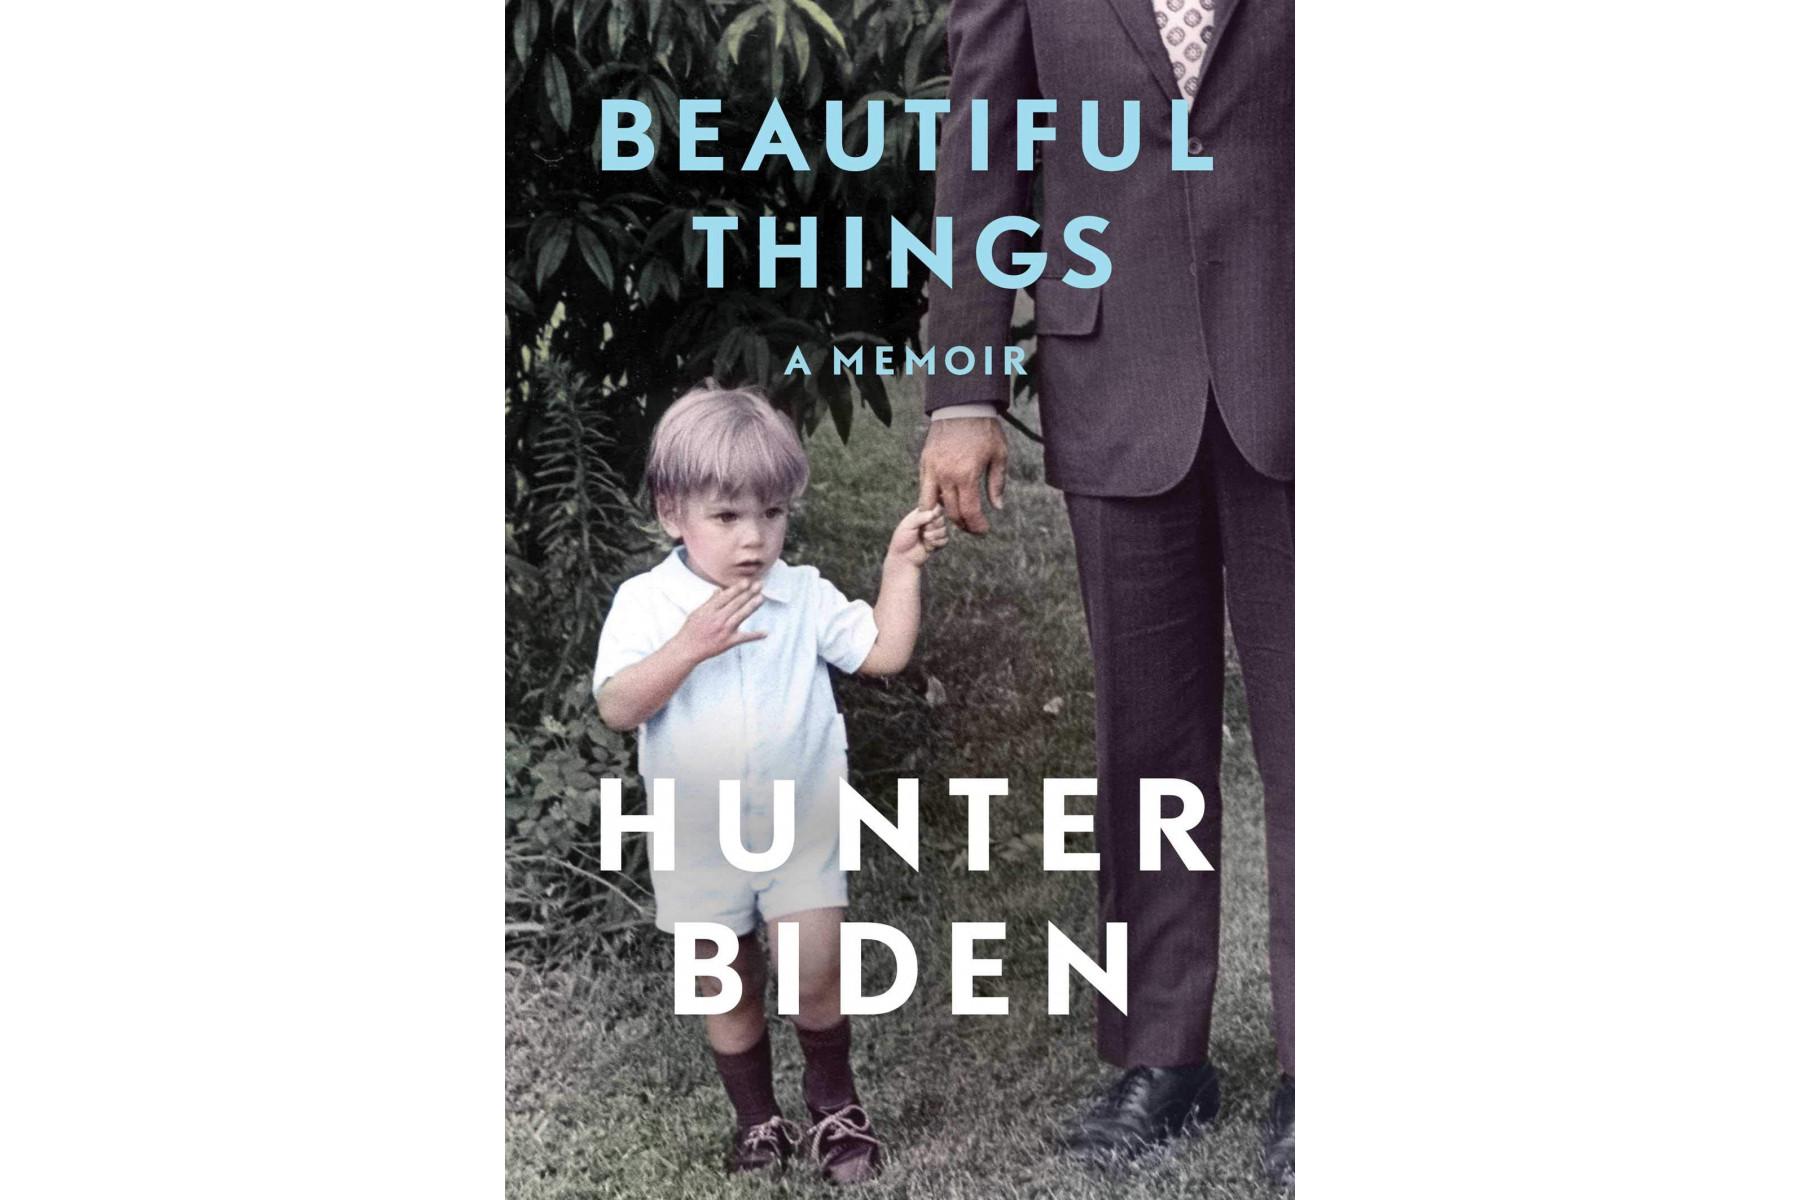 Beautiful Things: A Memoir